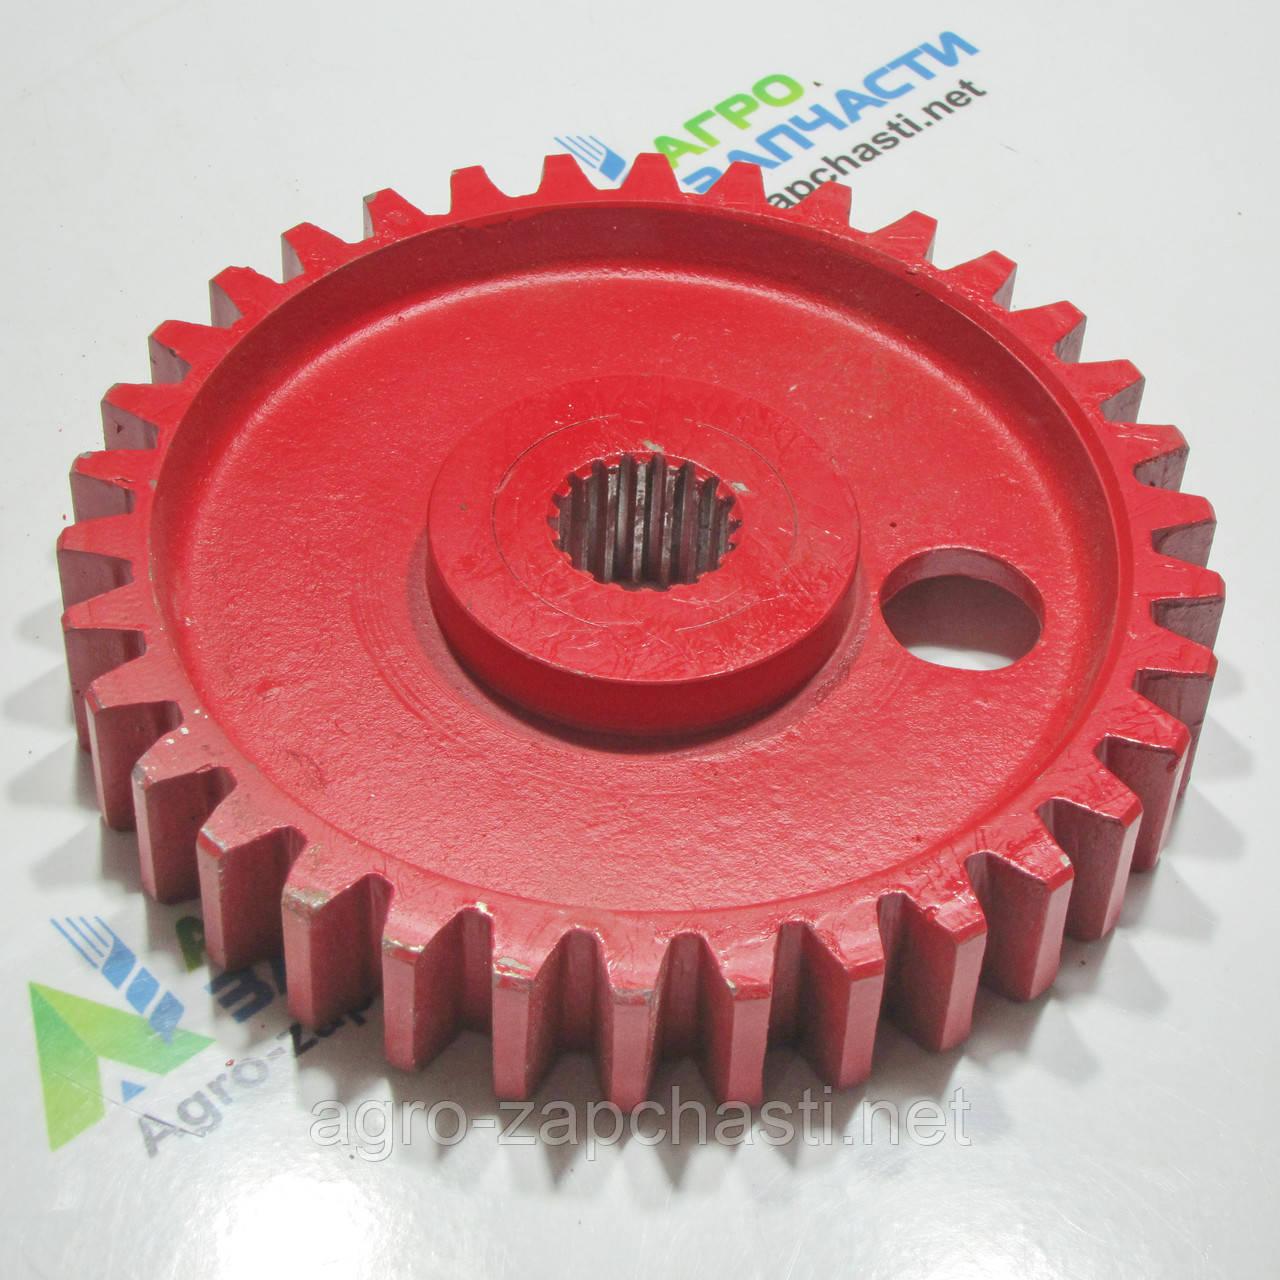 Шестерня привода аппарата (зубчатое колесо) пресс-подборщика Welger AP 12